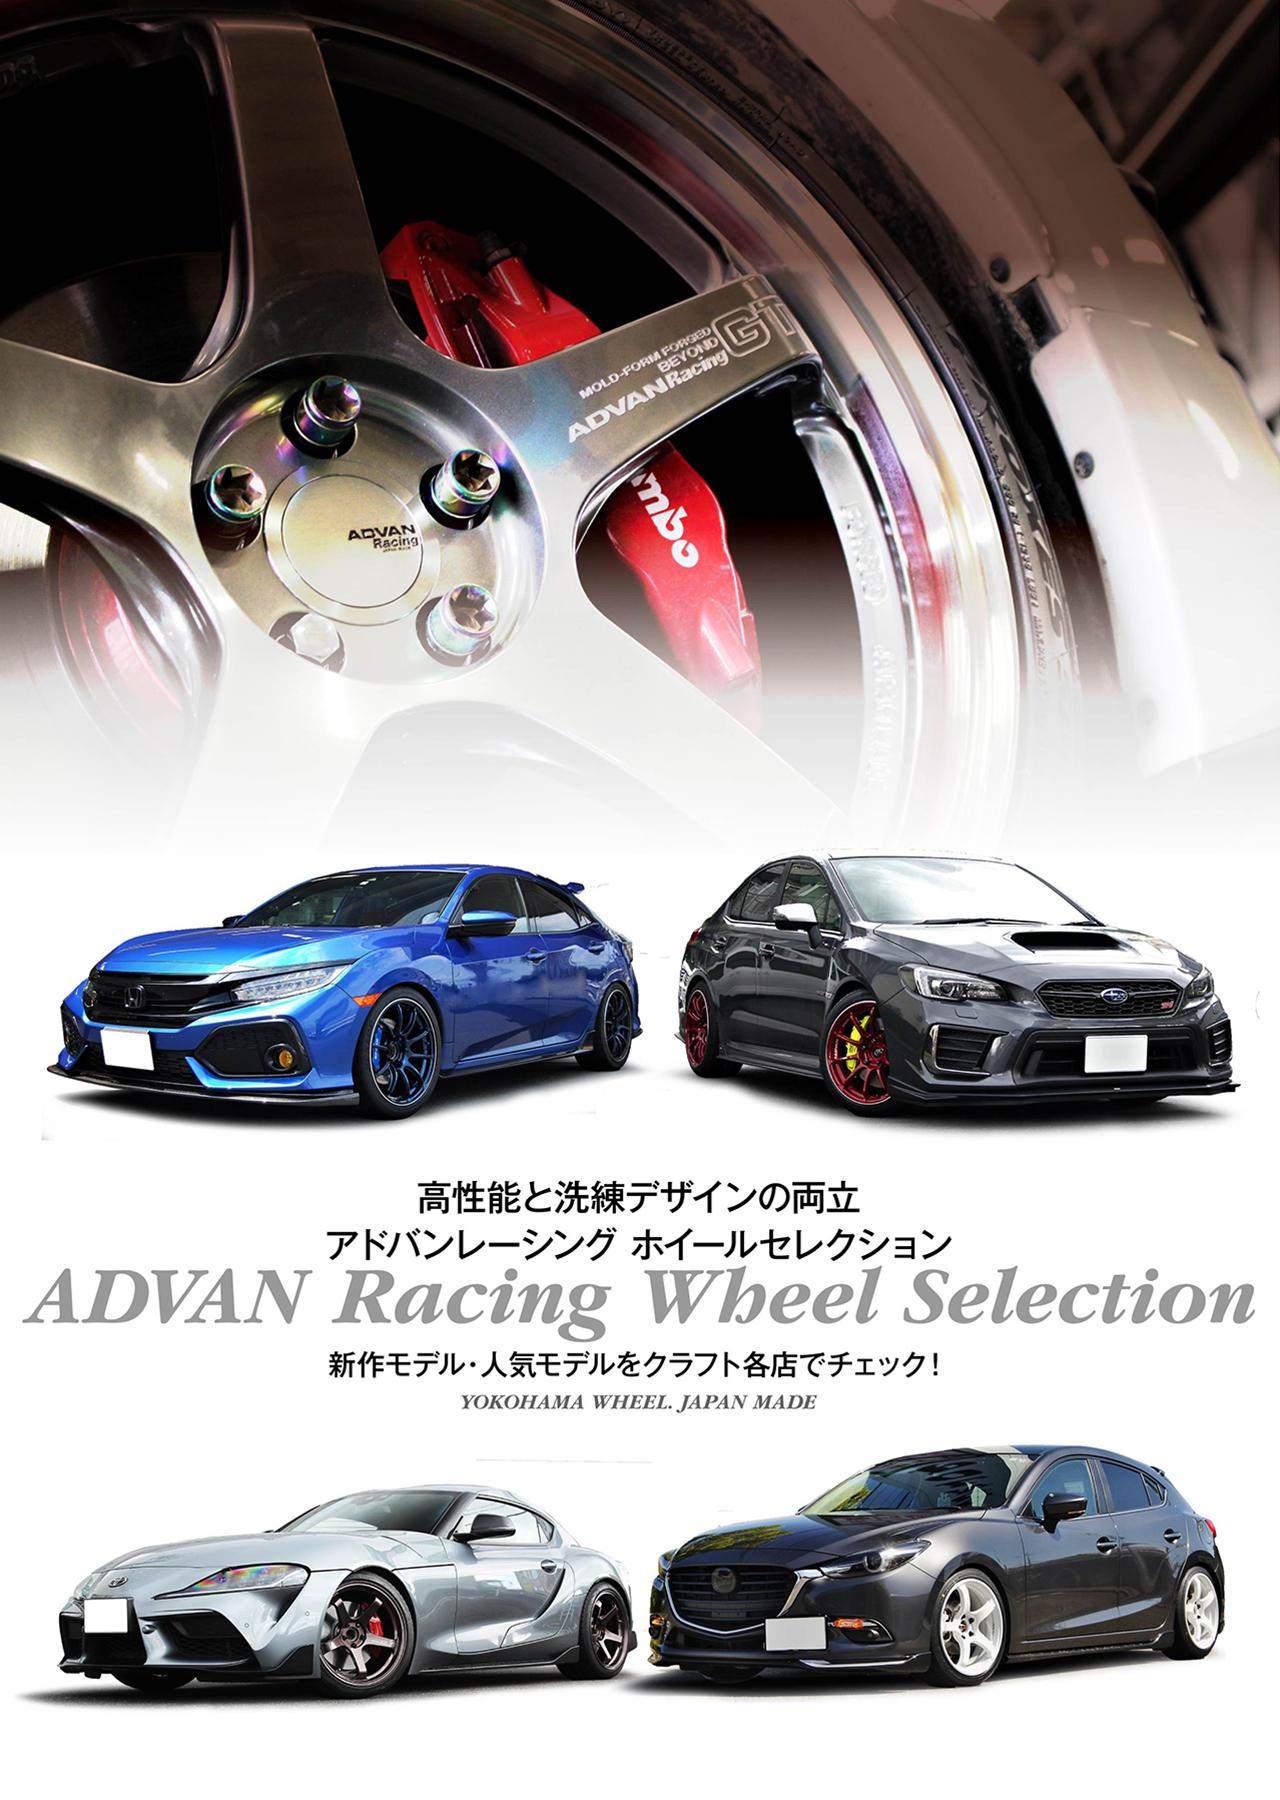 高性能と洗練デザインの両立 アドバンレーシングホイールセレクション